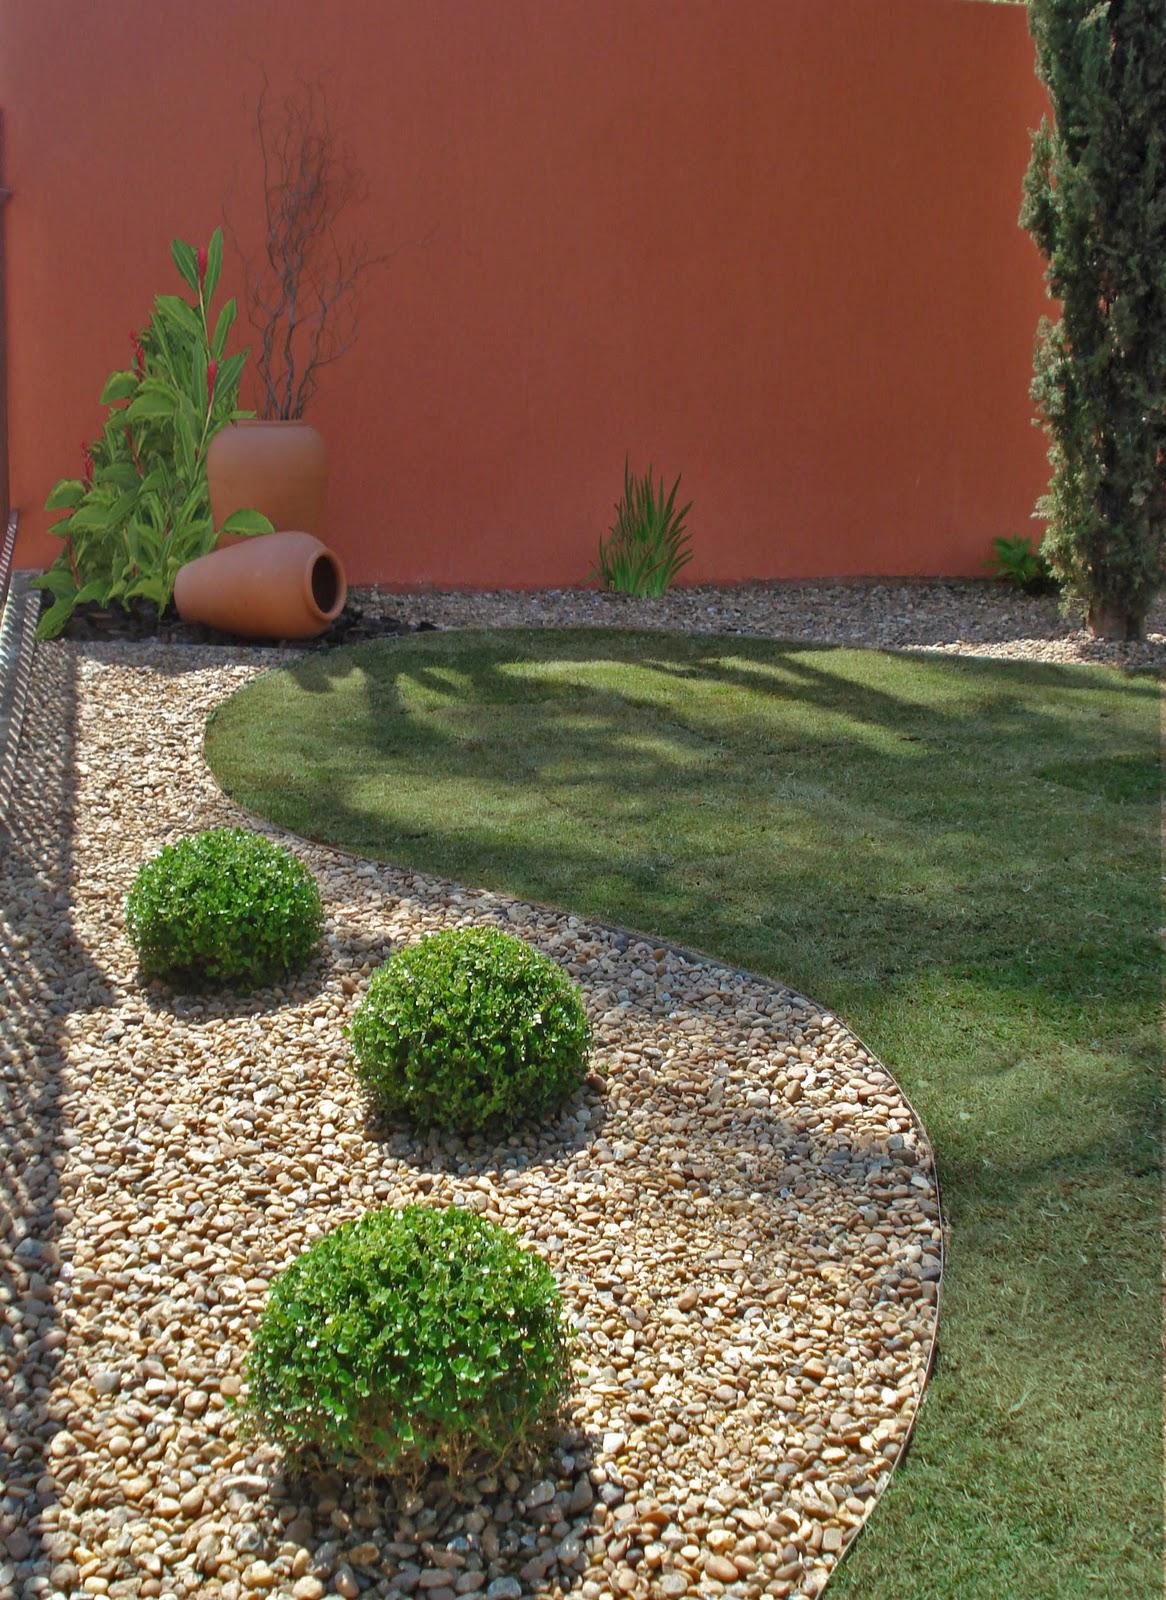 em fazer seu próprio jardim, para não errarem em coisas simples